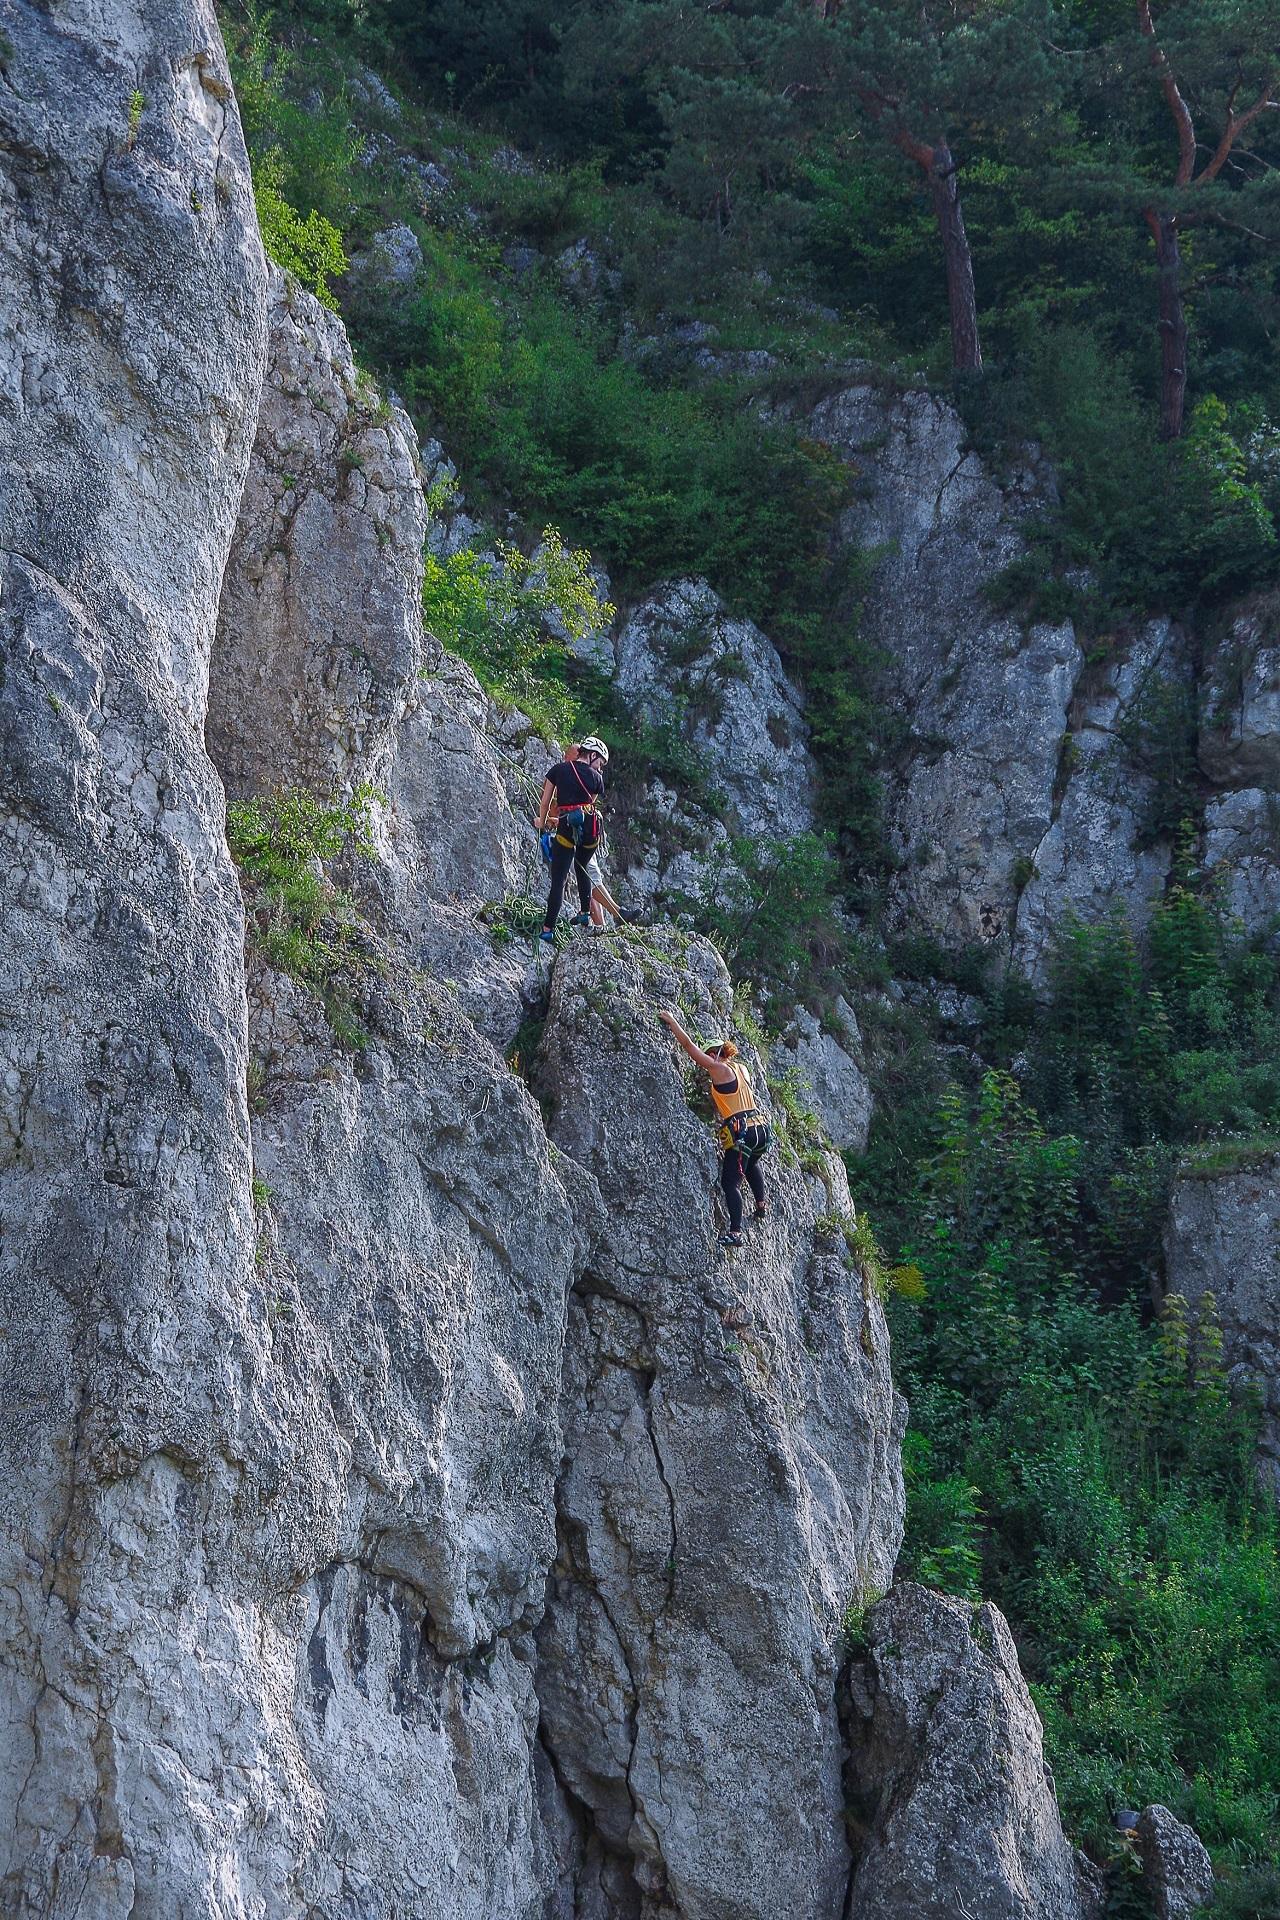 Każdy z nas ma wpływ na bezpieczeństwo w skałach.